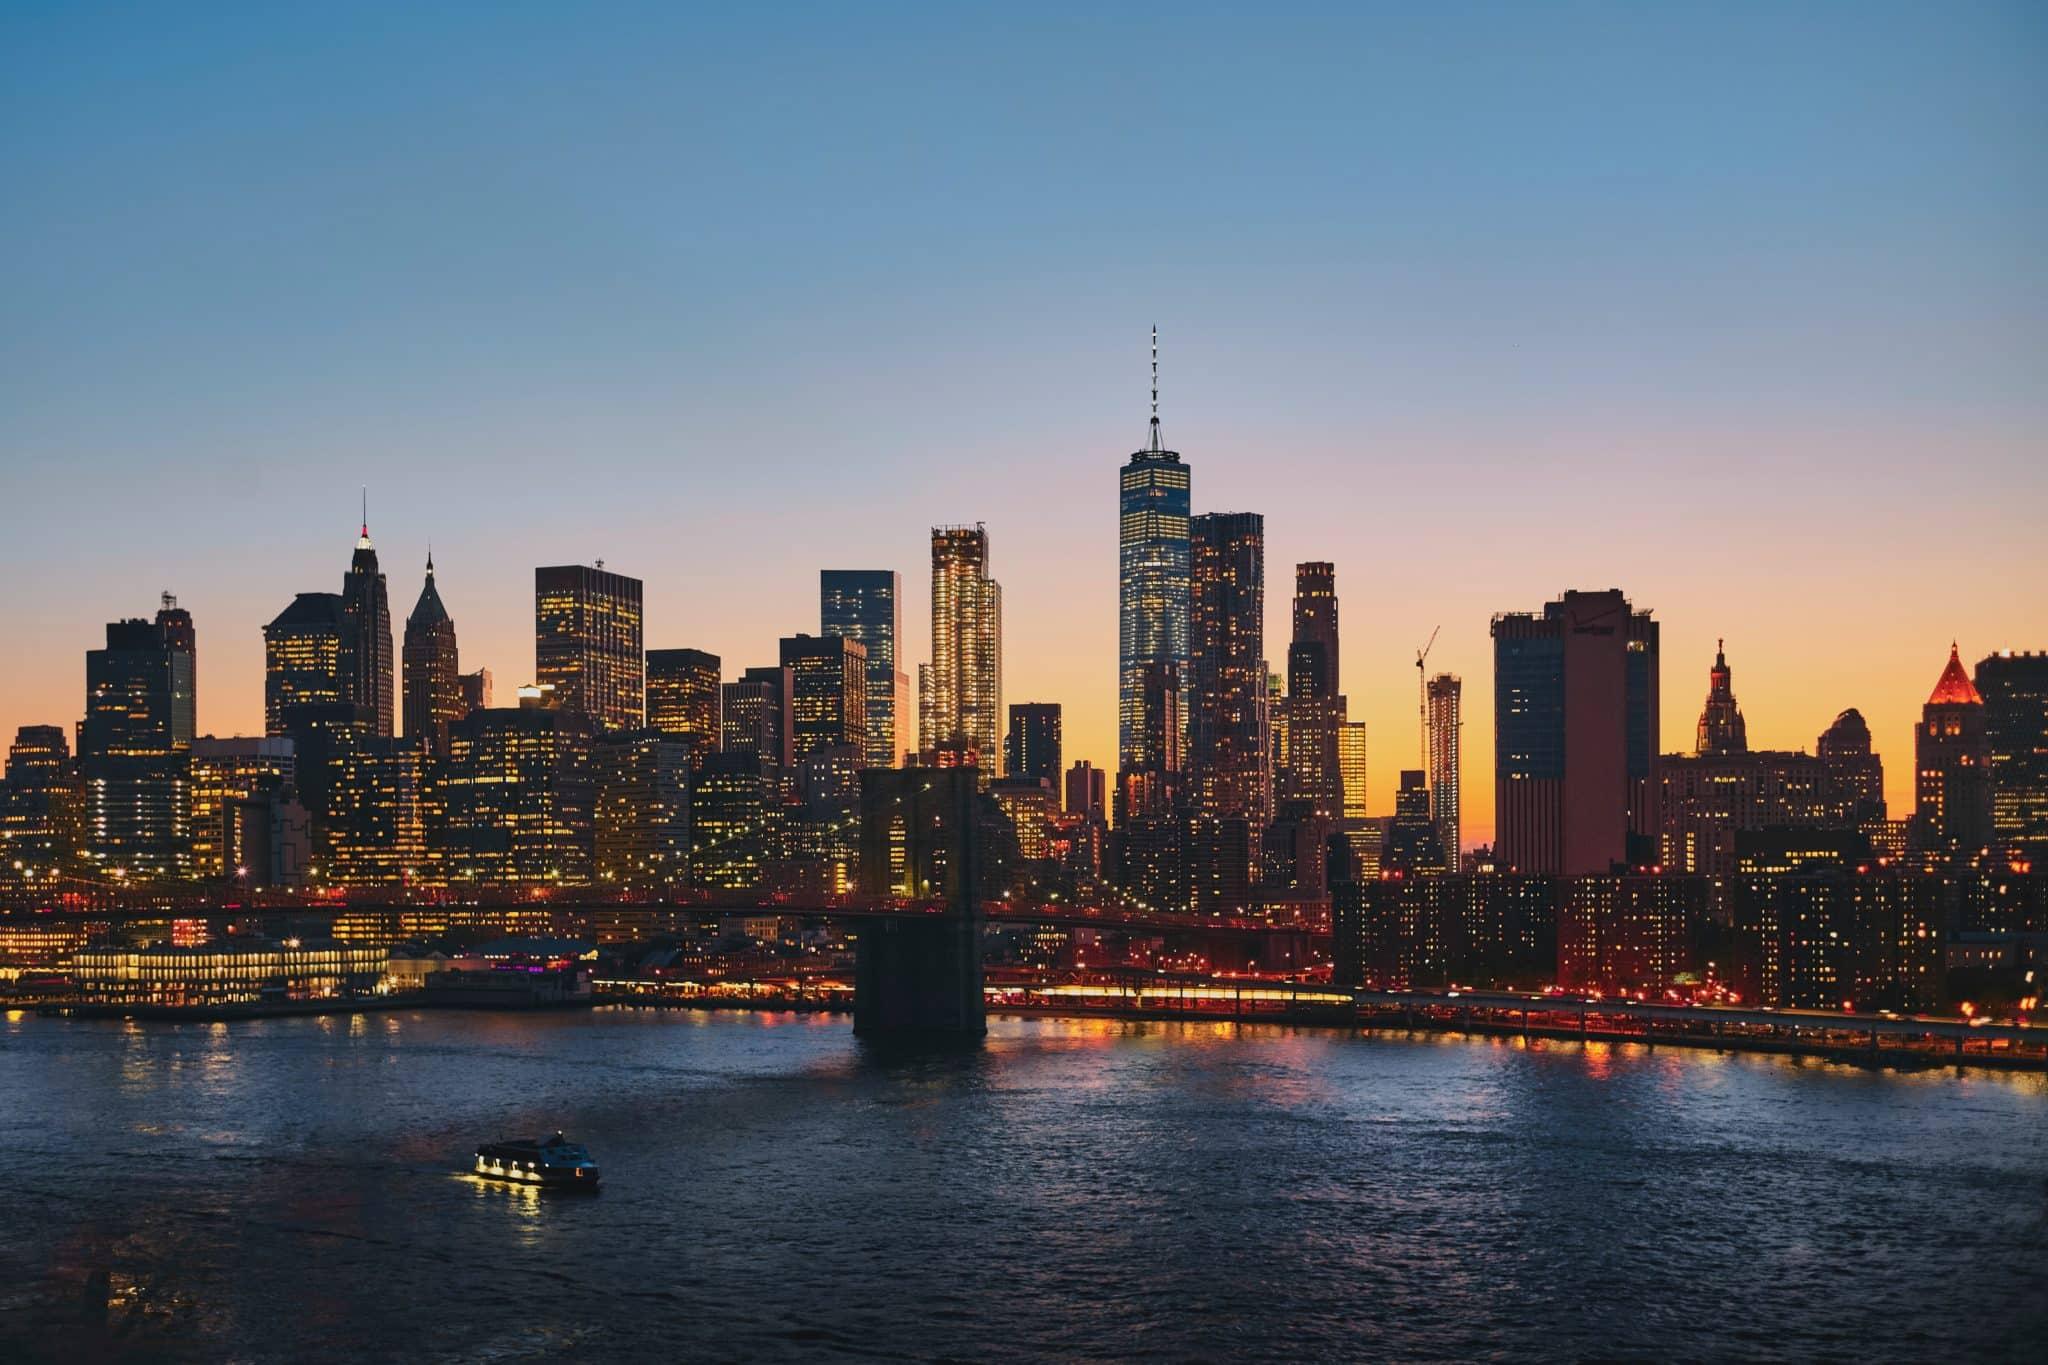 Manhattan in the distance